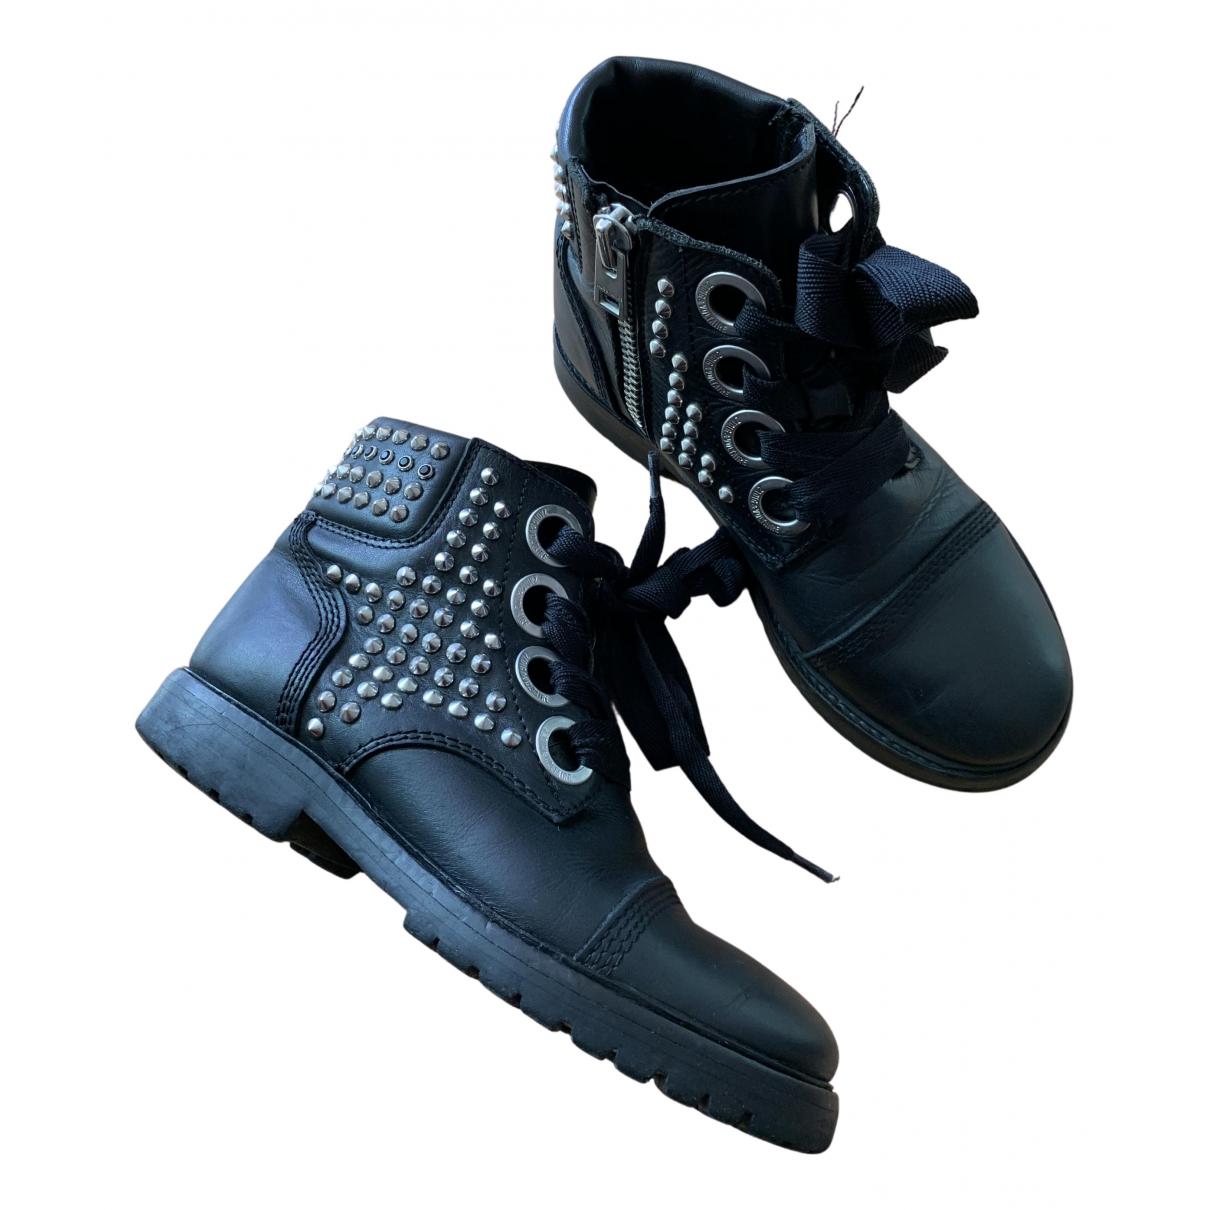 Zadig & Voltaire - Boots Joe pour femme en cuir - noir